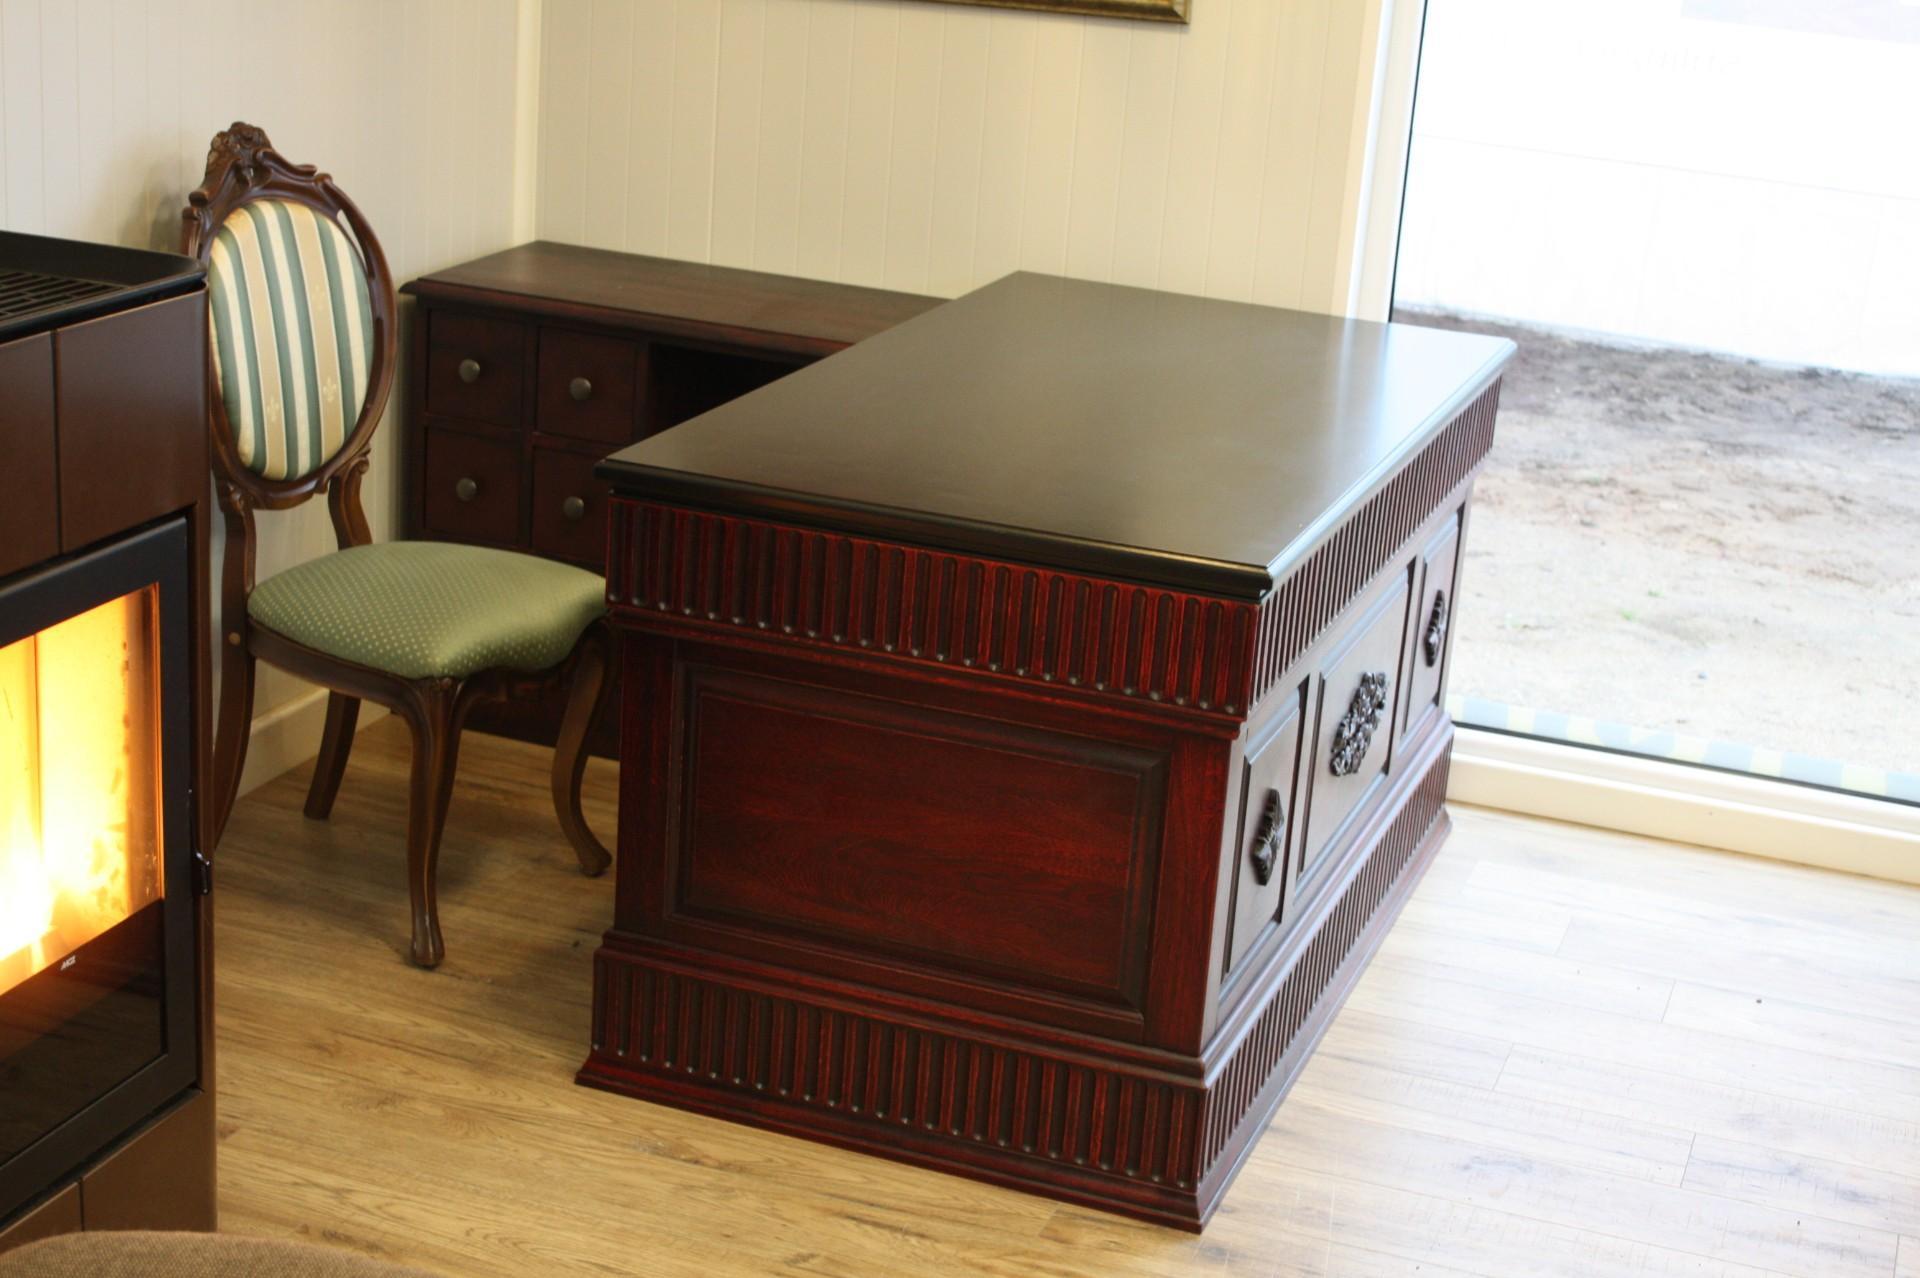 Ąžuolo masyvo rašomasis stalas